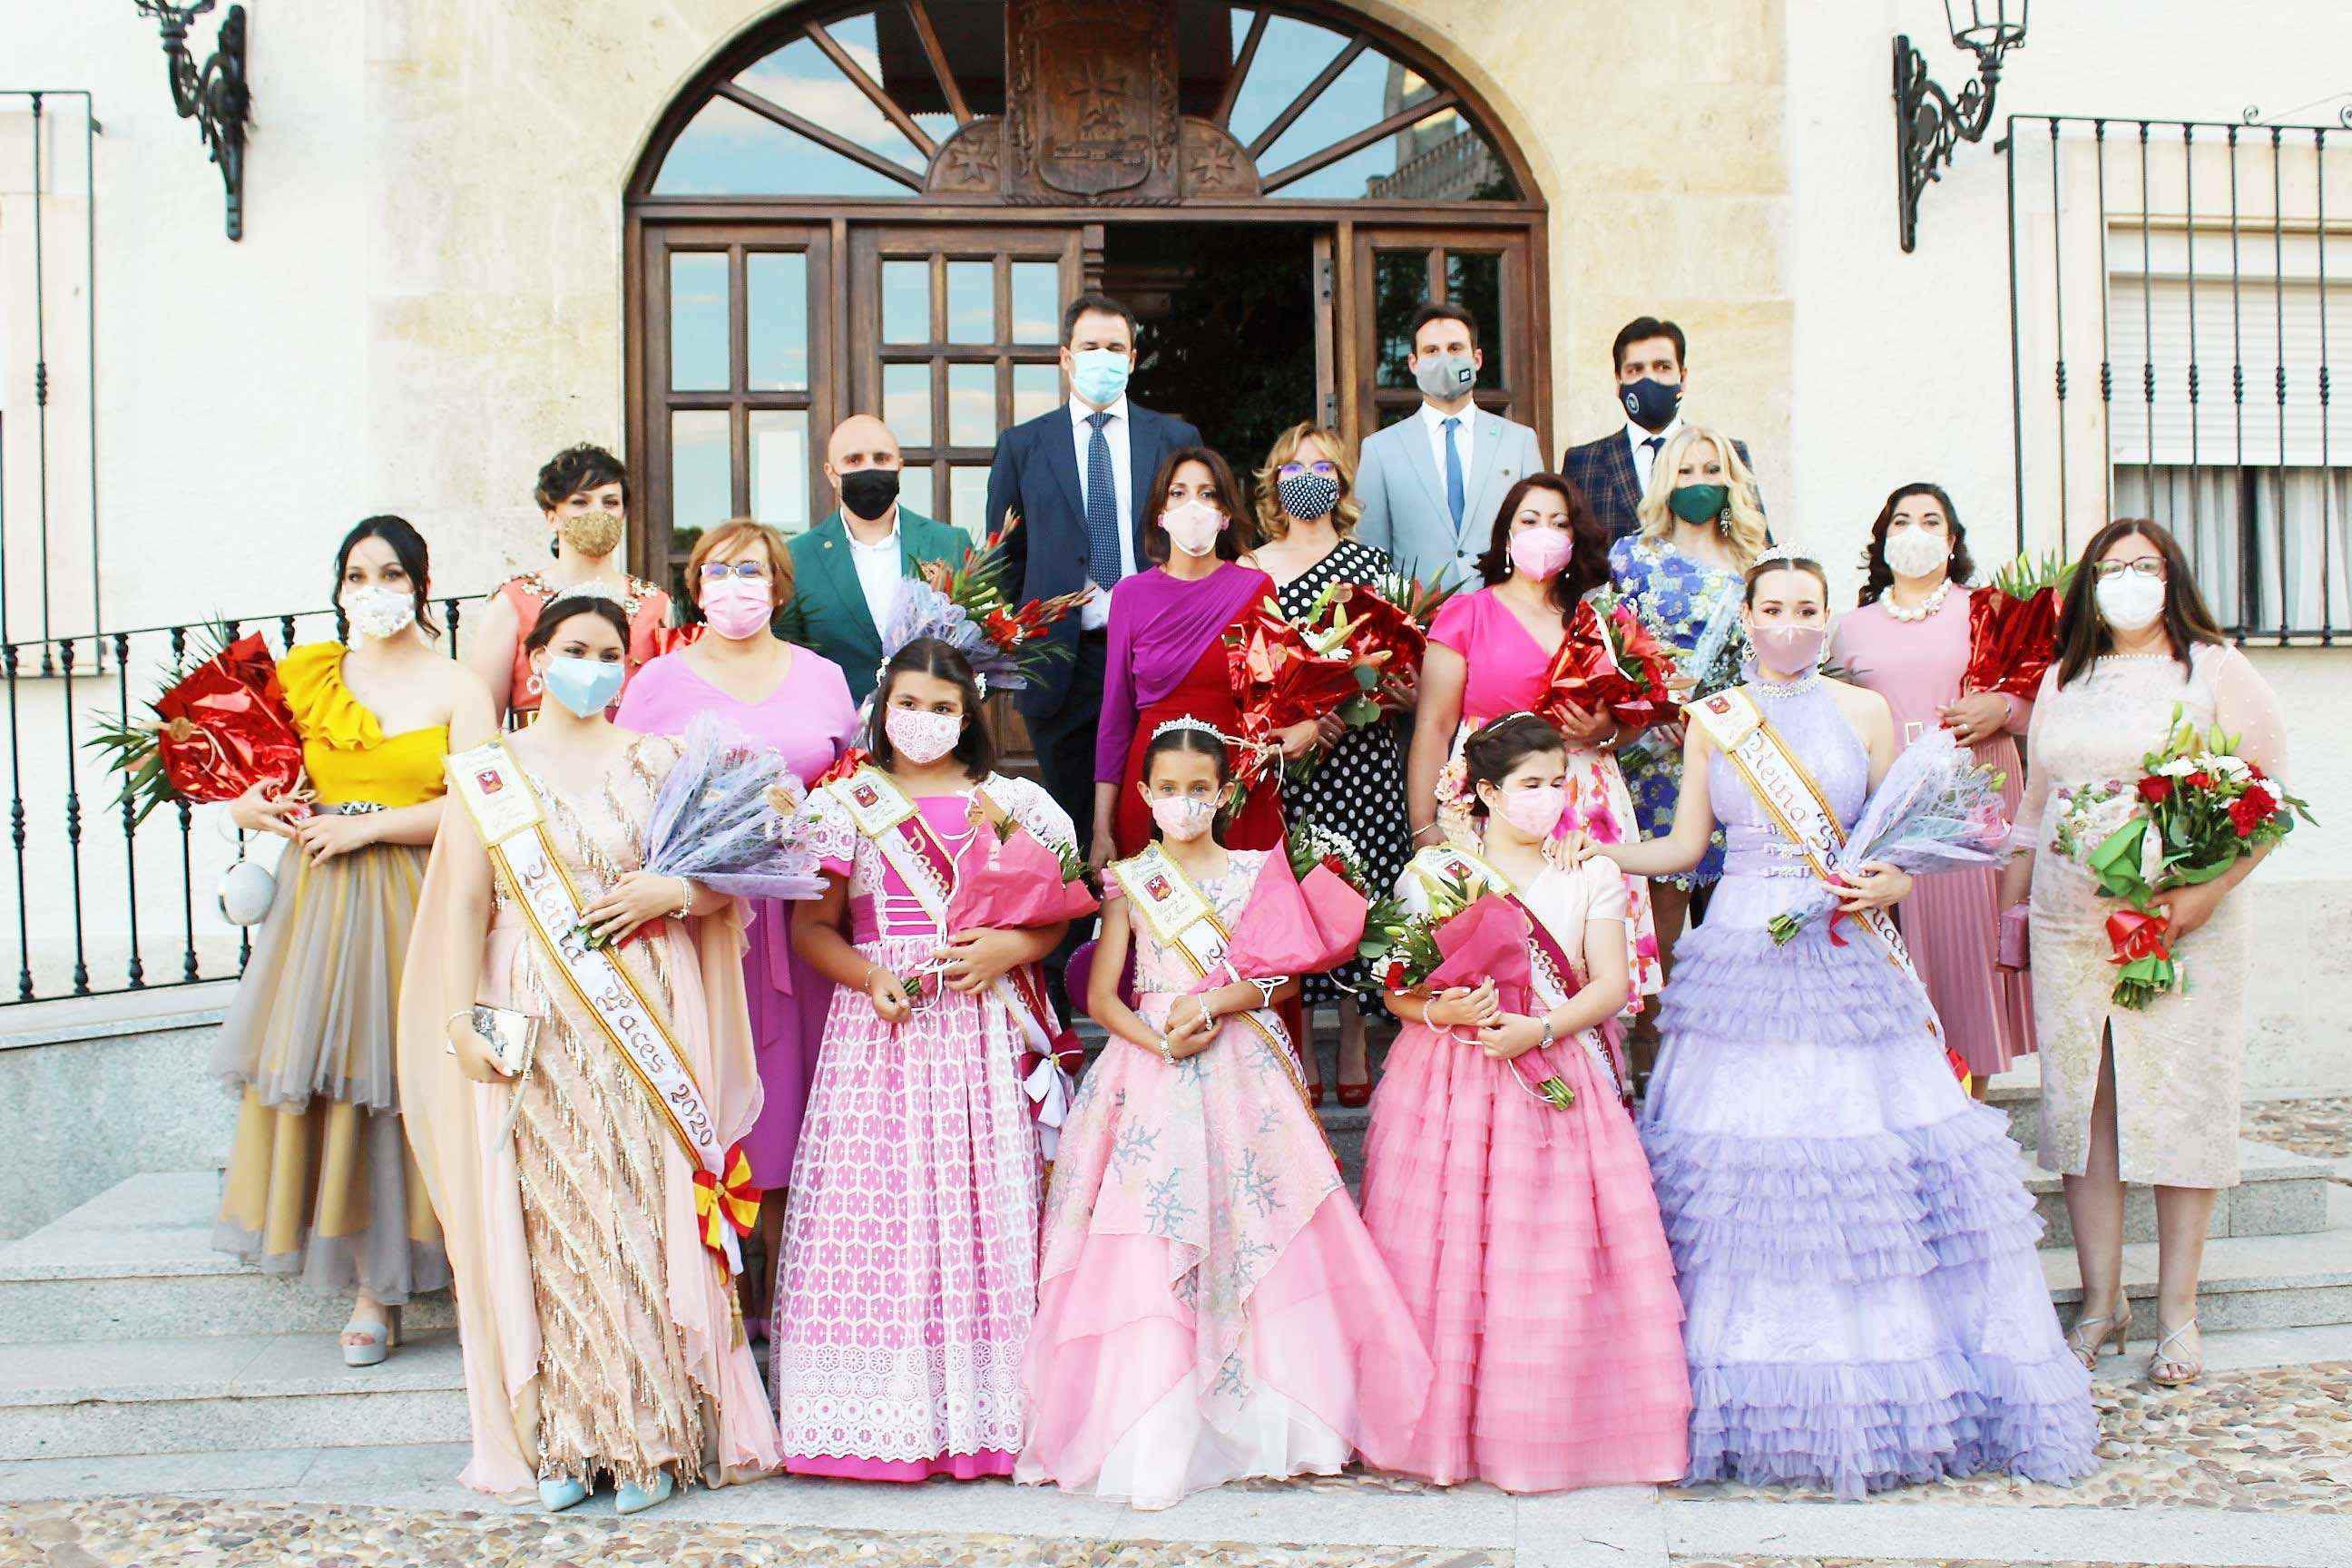 Carmen Olmedo se congratula de que el buen ritmo de vacunación esté permitiendo celebrar fiestas patronales como las de Villarta de San Juan